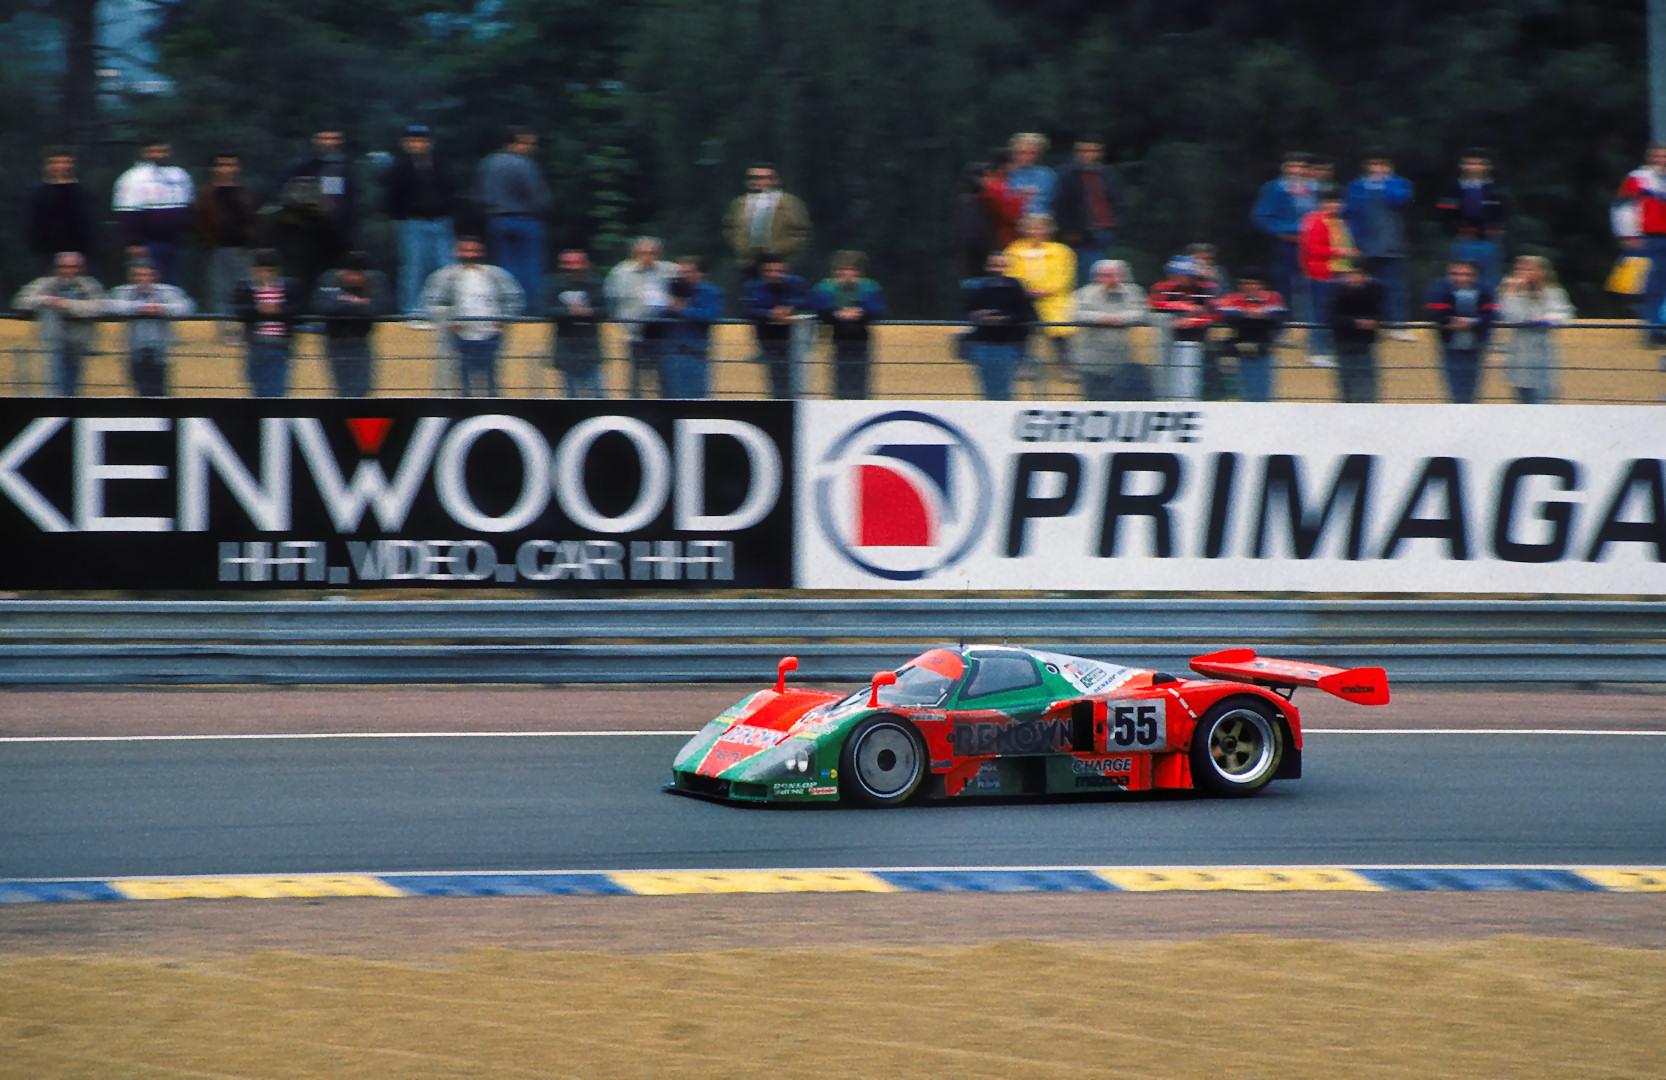 Le_Mans-120121-0073FP.jpg